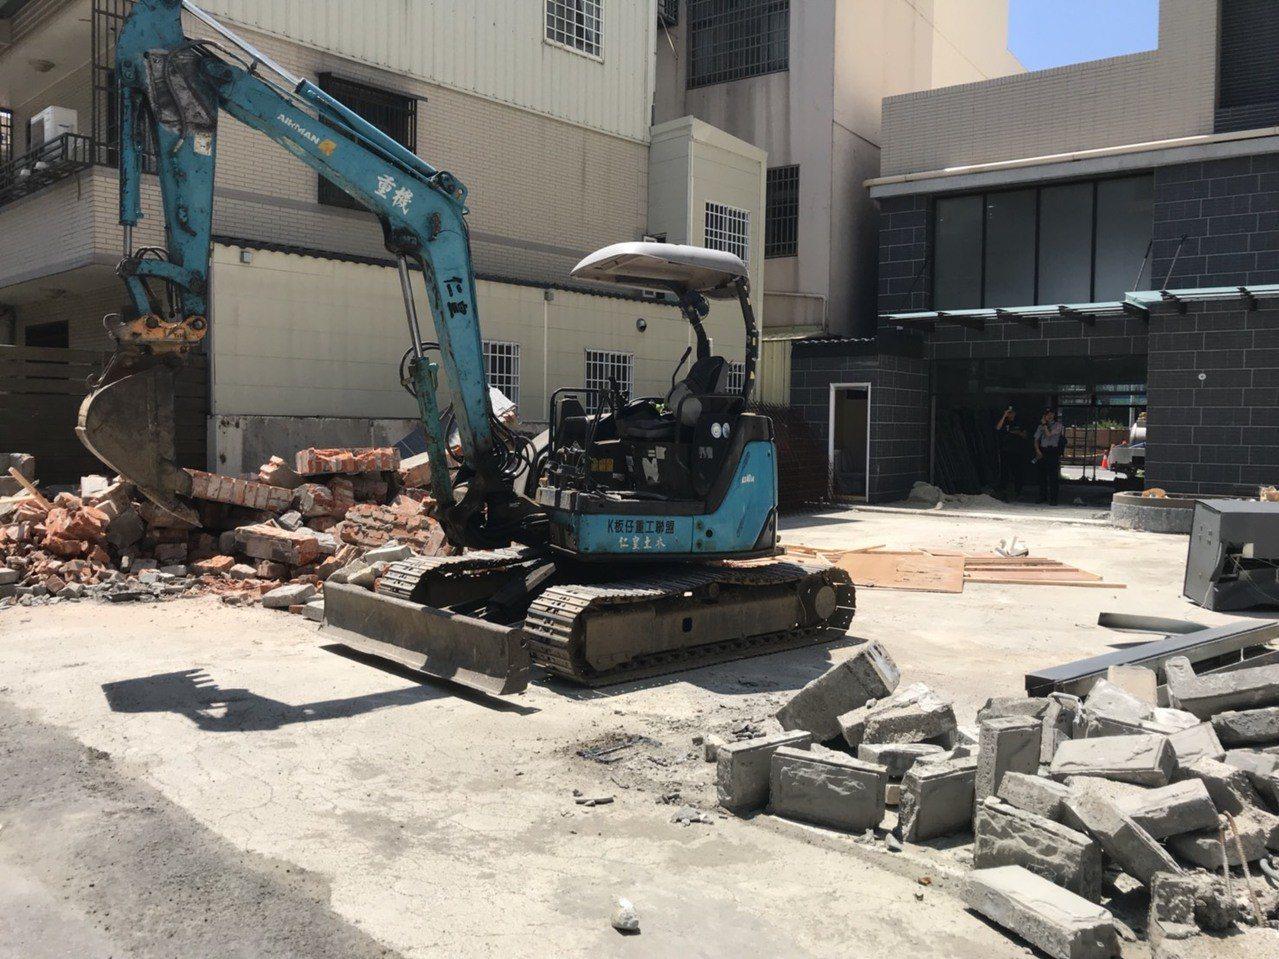 苗栗縣政府今天拆除頭份市自強路二段違章章建築,過程相當平和。圖/苗栗縣政府提供